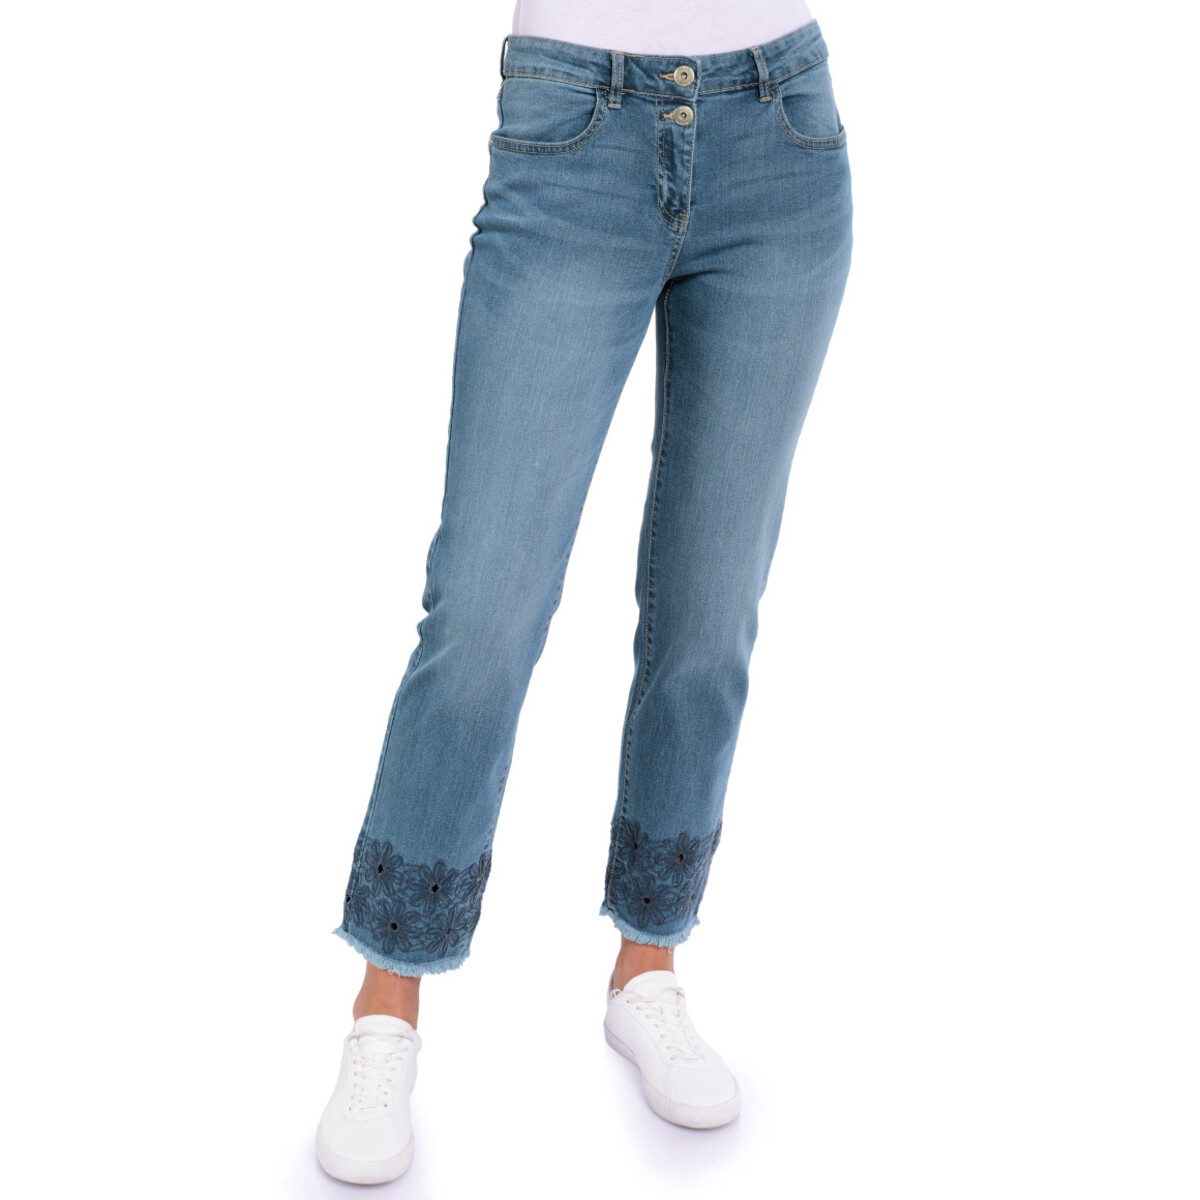 Bild 2 von 7/8 Damen Straight-Jeans mit Stickerei